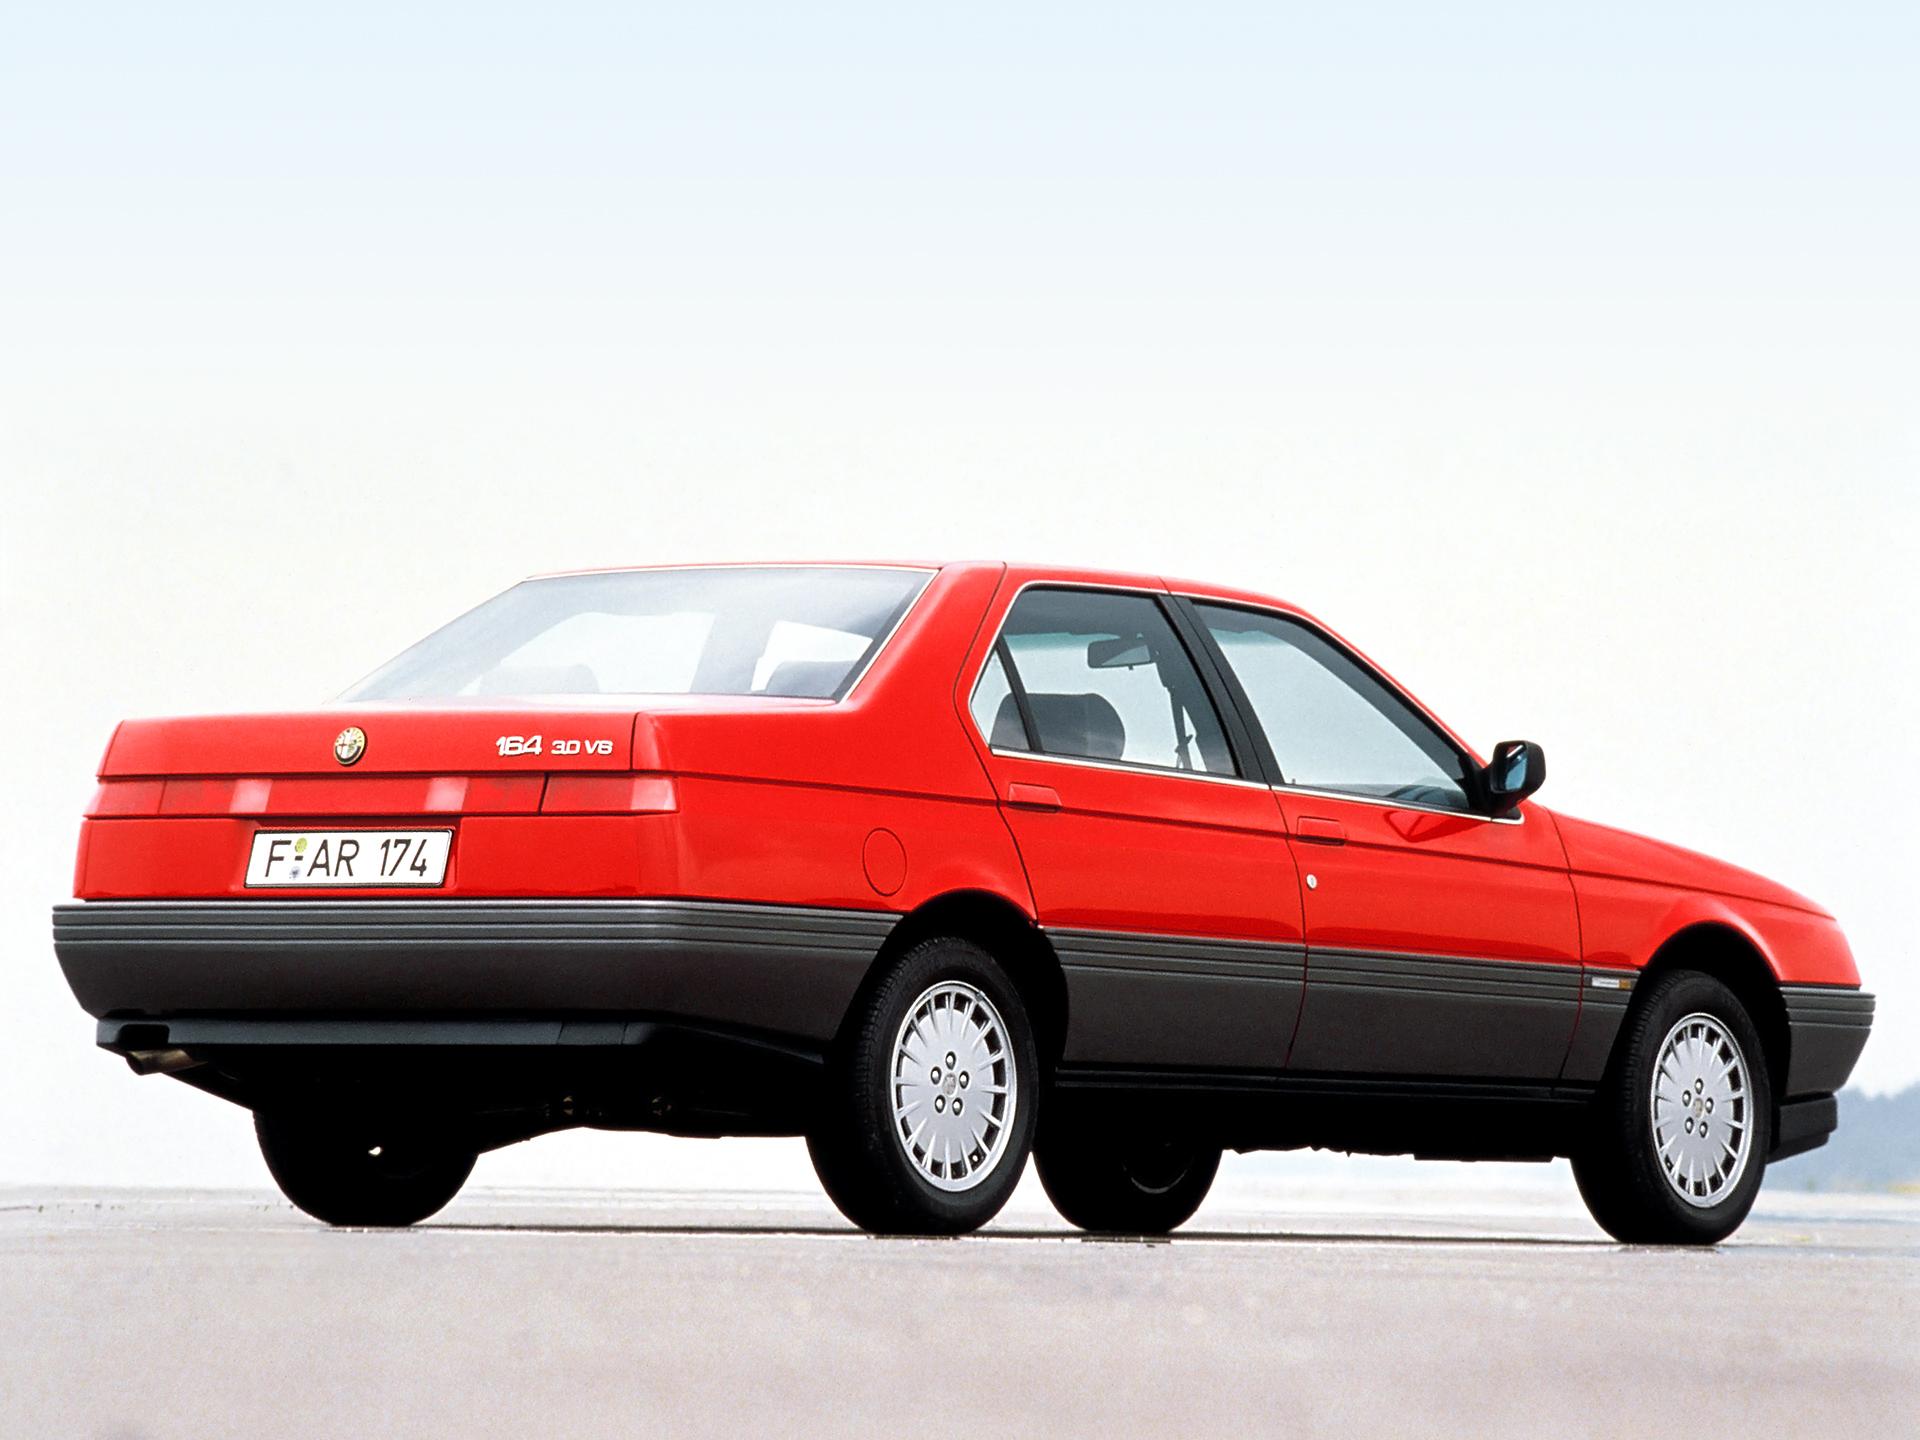 De nätta, skarpa penndragen hos Alfa 164. Har det byggts en snyggare fyradörrarsbil?!